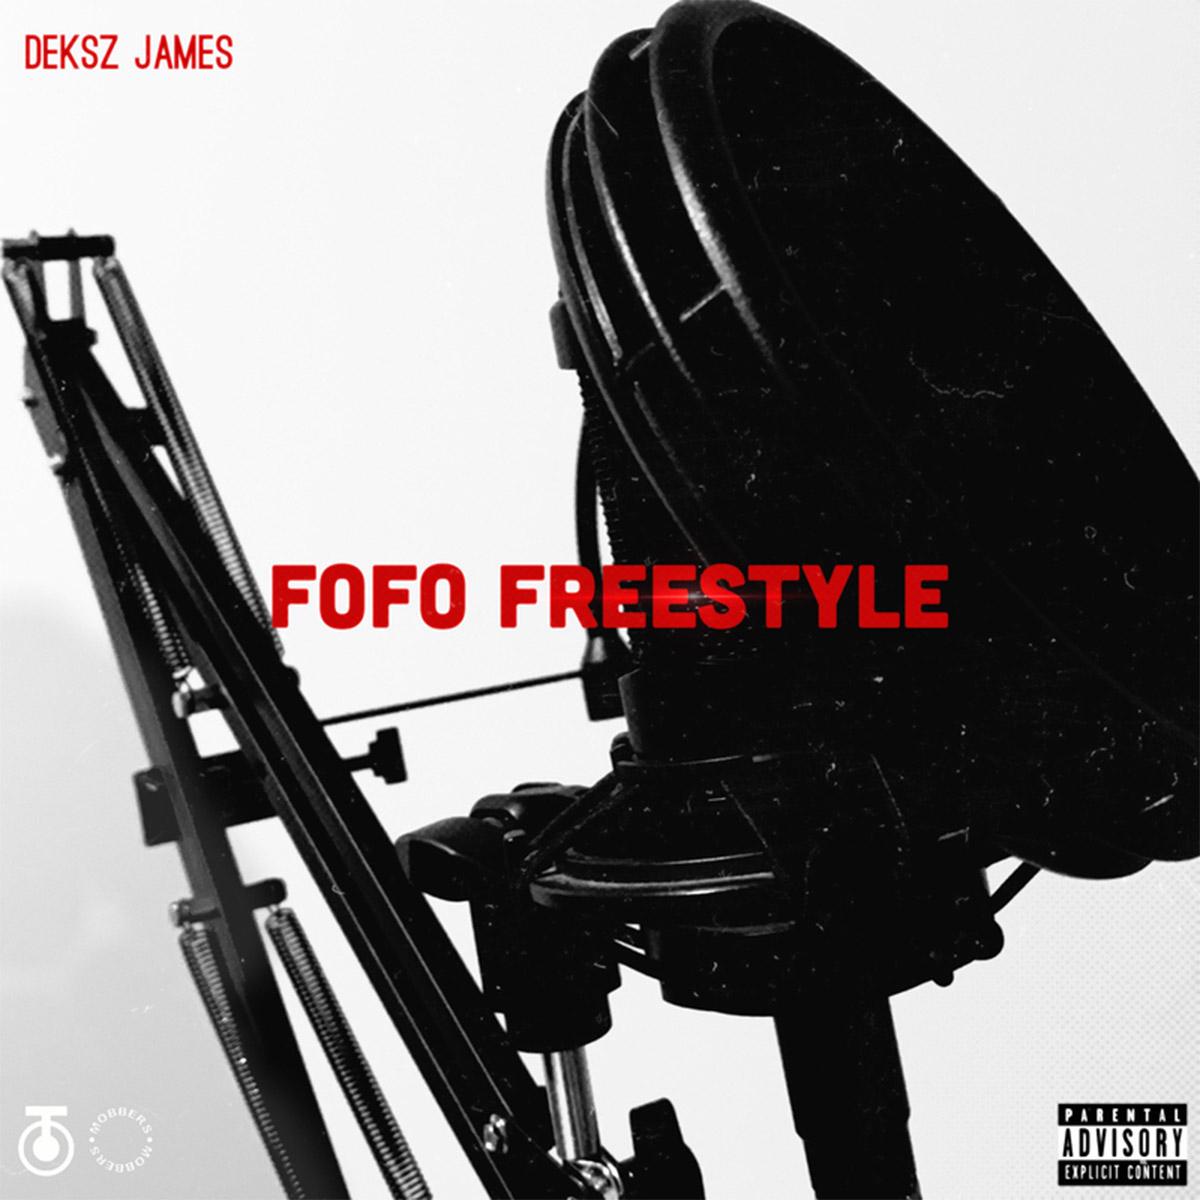 Deksz James – FoFo Freestyle